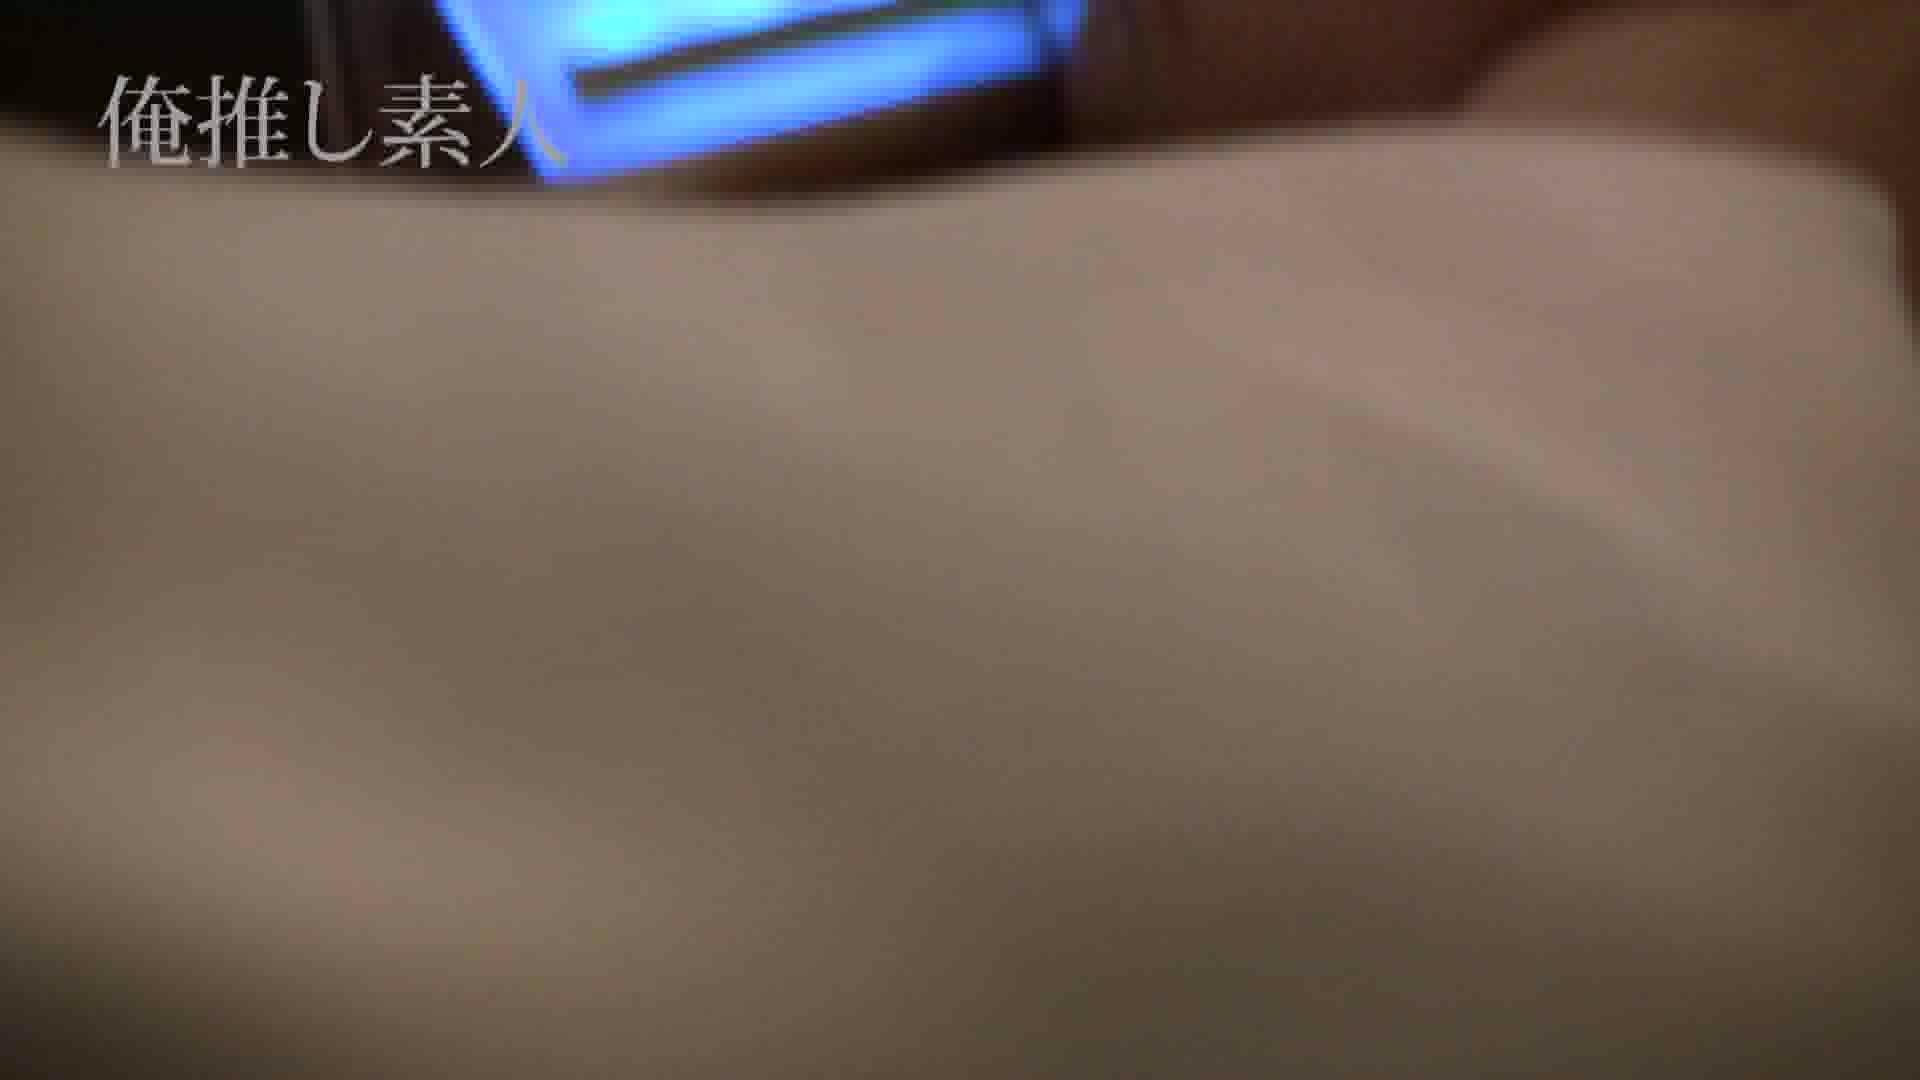 俺推し素人 Gカップ人妻キャバ嬢 雫 素人ギャル女 濡れ場動画紹介 50連発 27